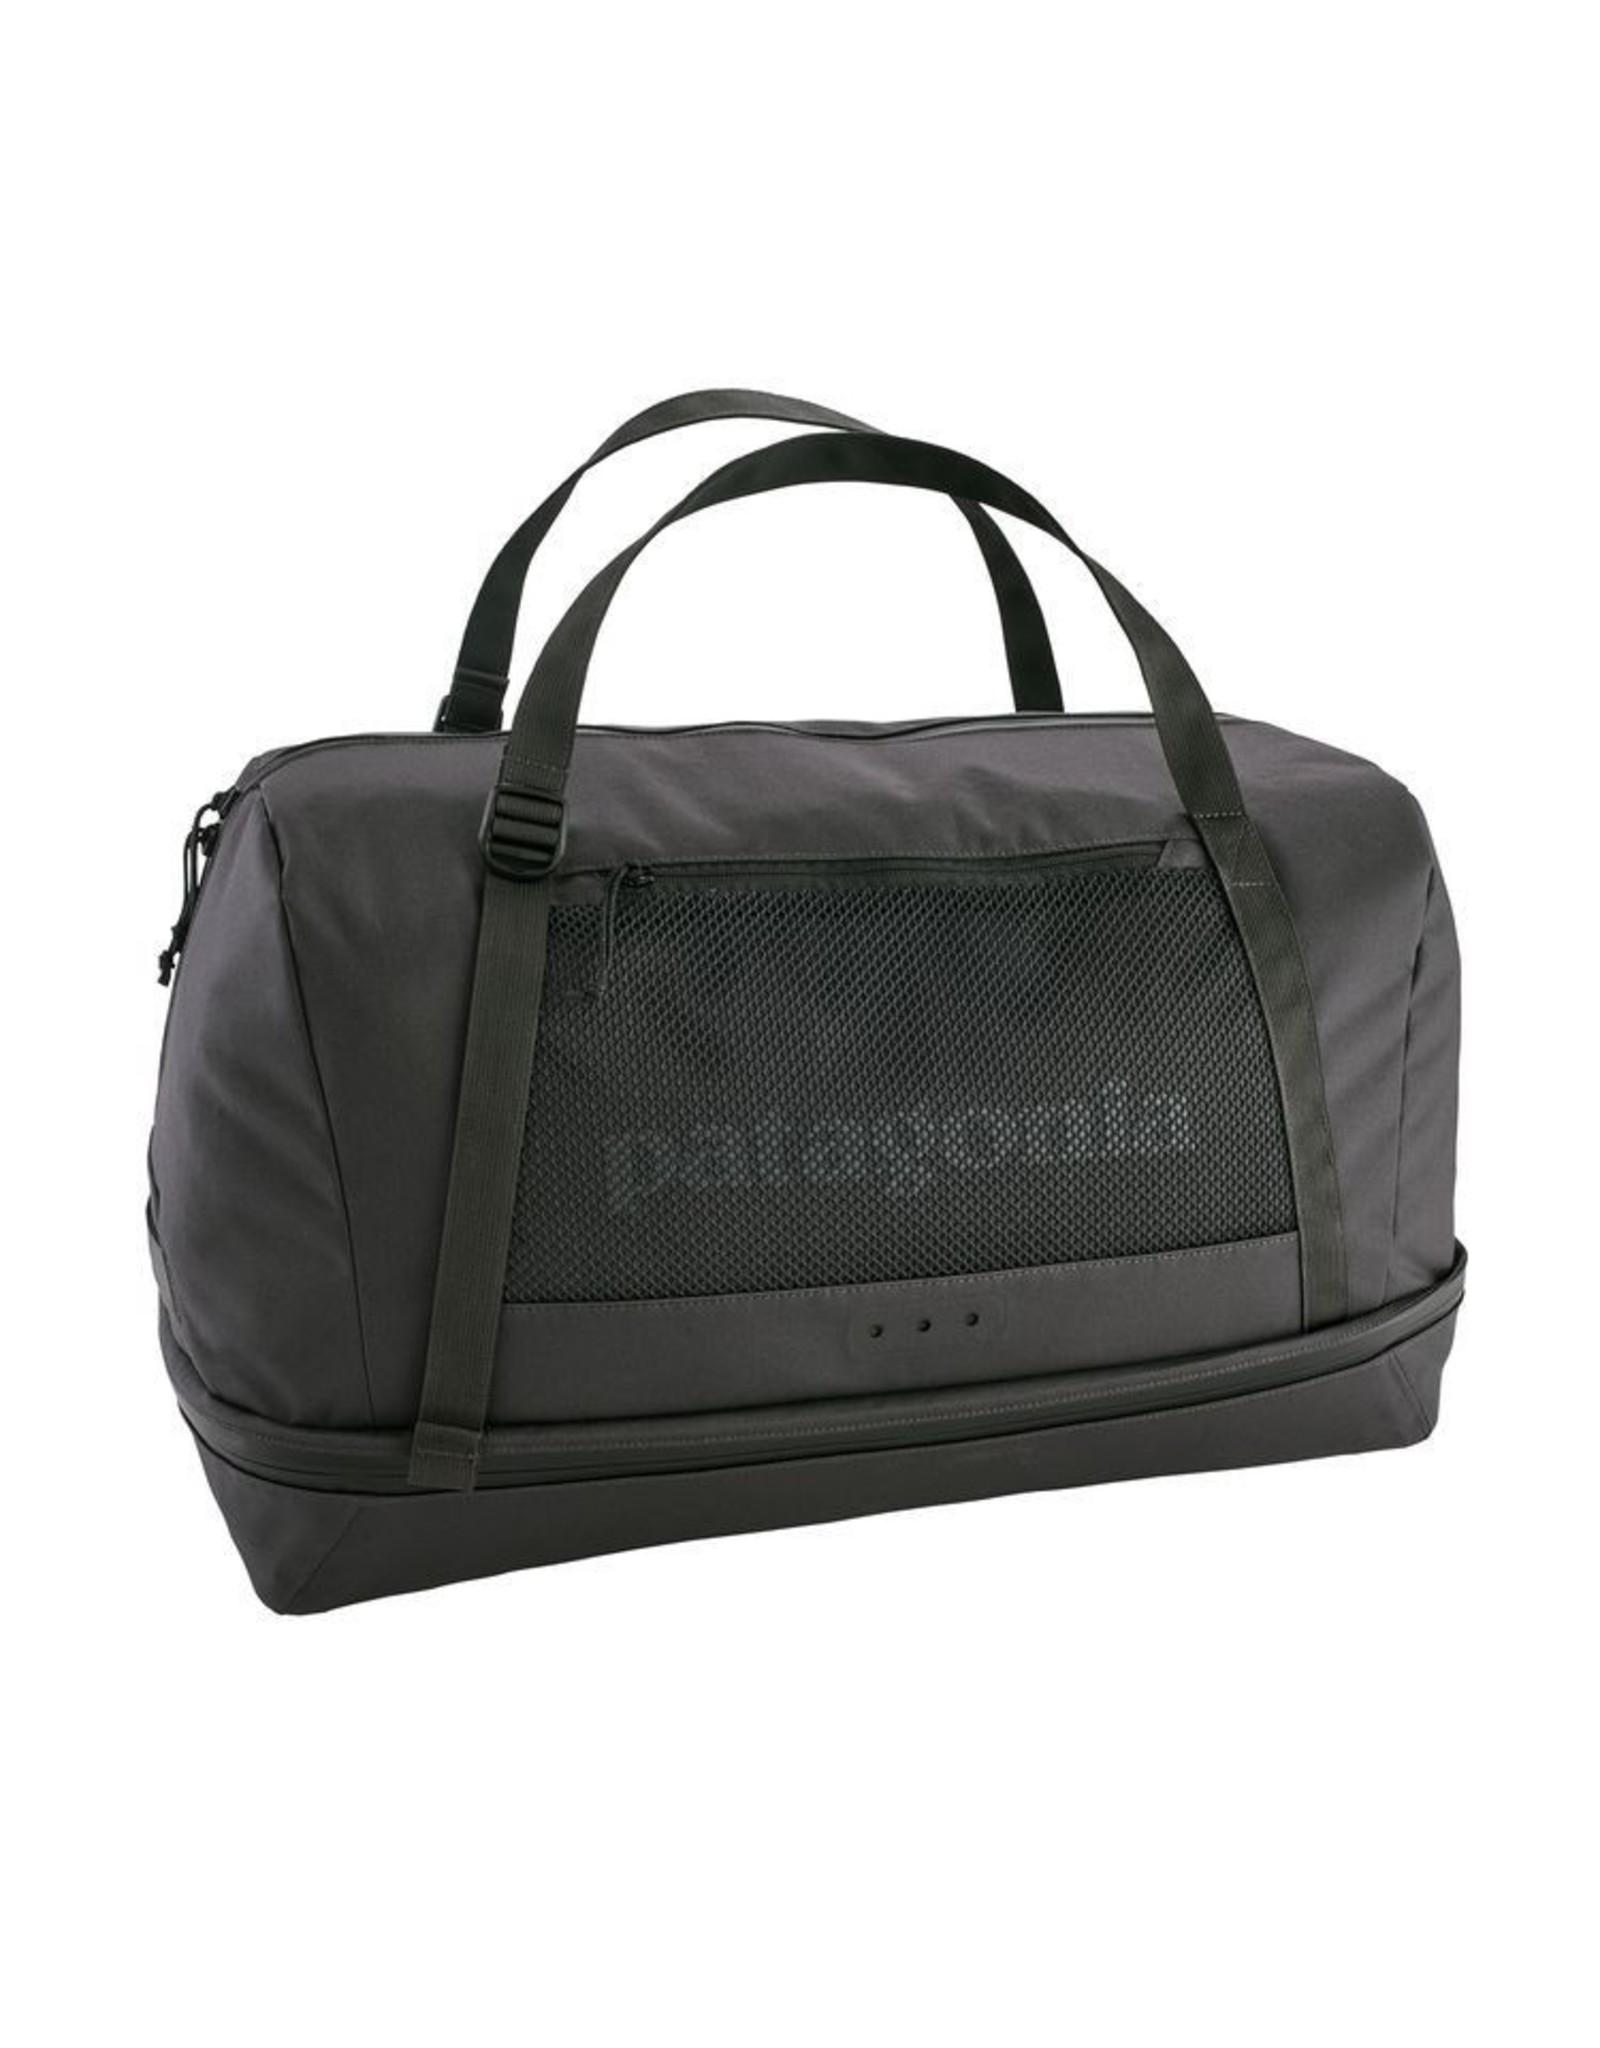 Patagonia Patagonia Planing Duffel Bag 55L, Ink Black